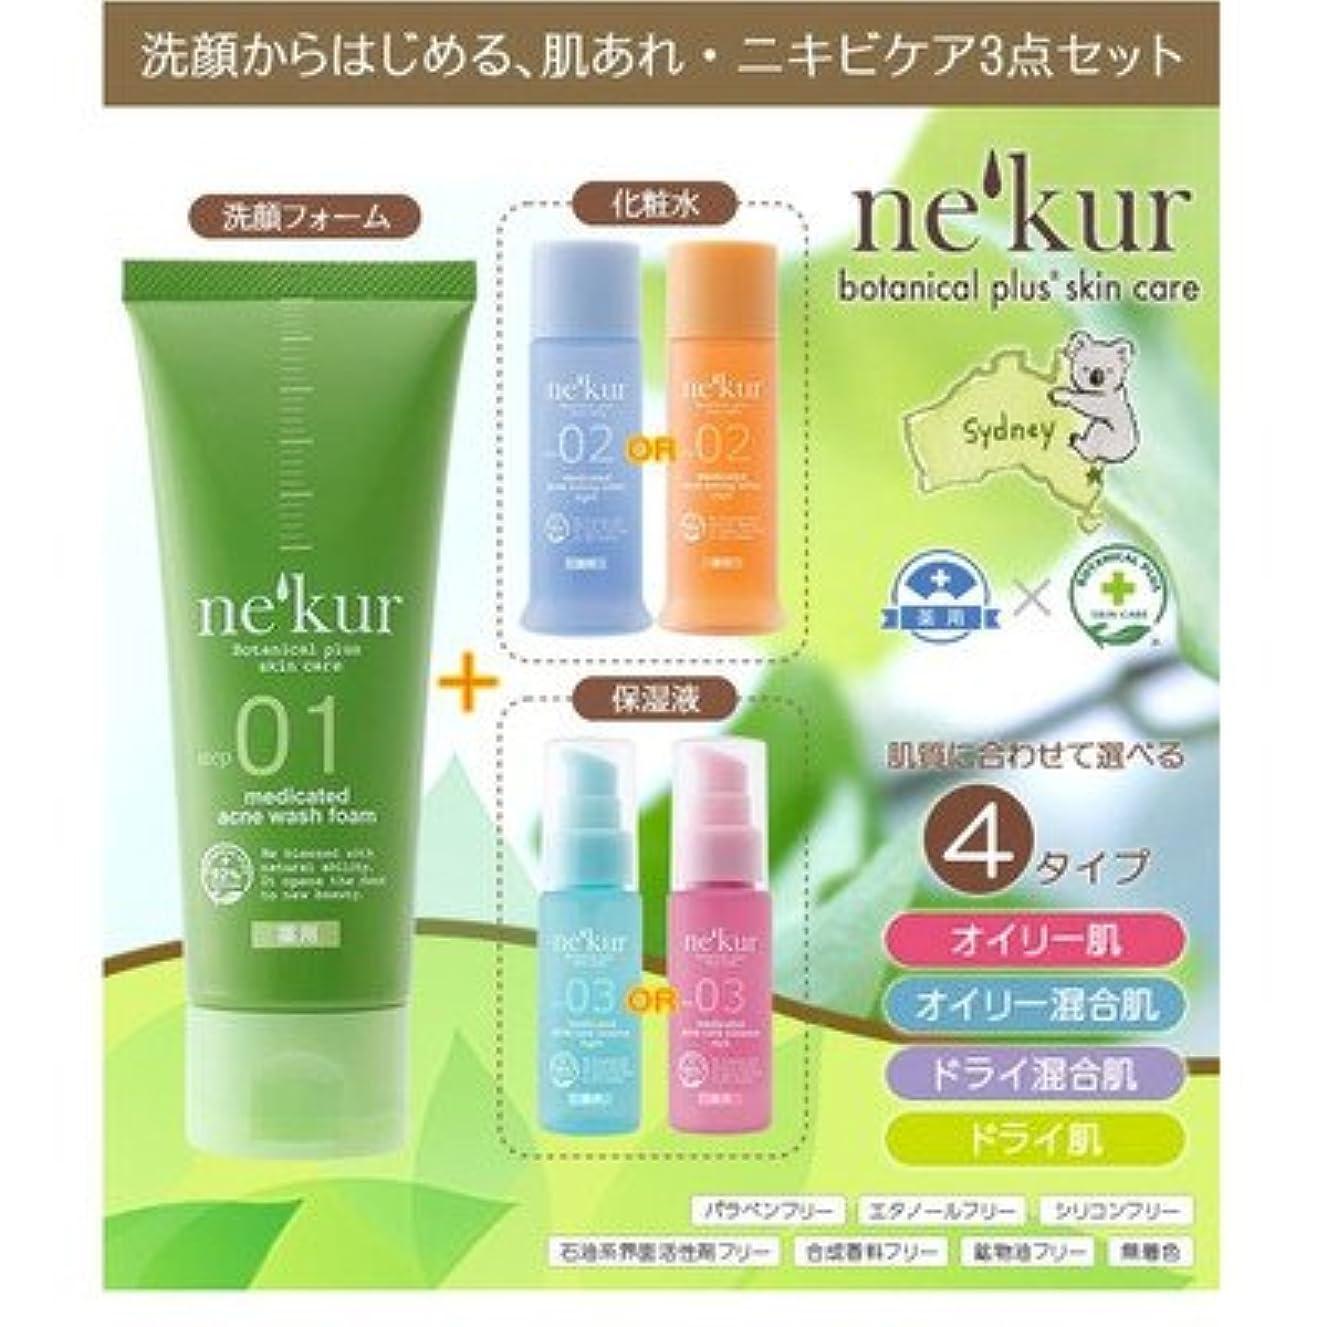 誓約援助するシーボードネクア(nekur) ボタニカルプラススキンケア 薬用アクネ洗顔3点セット オイリー肌セット( 画像はイメージ画像です お届けの商品はオイリー肌セットのみとなります)